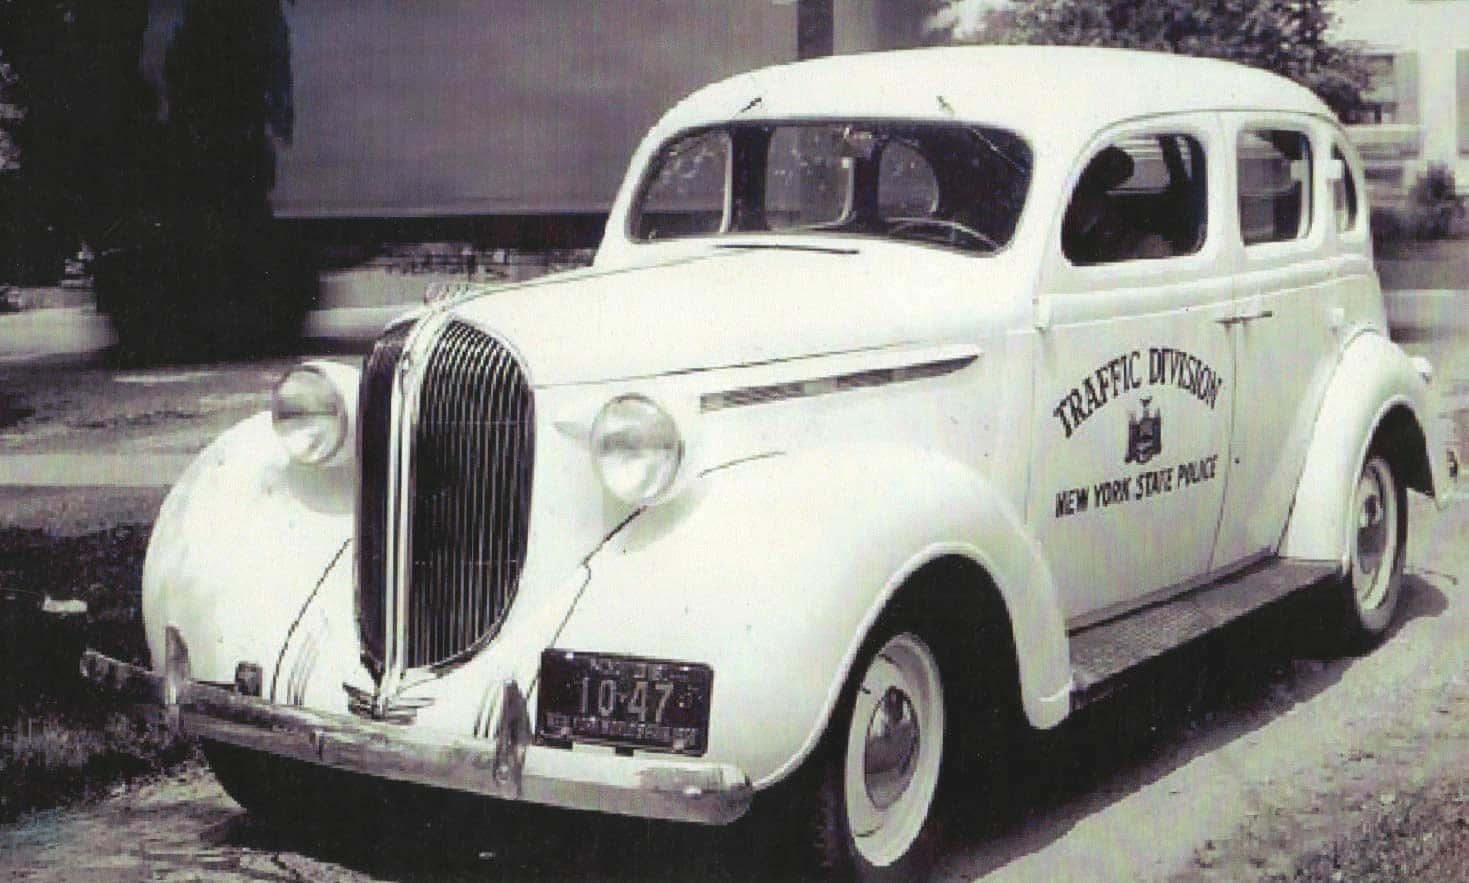 NYSP1938trafficdiv